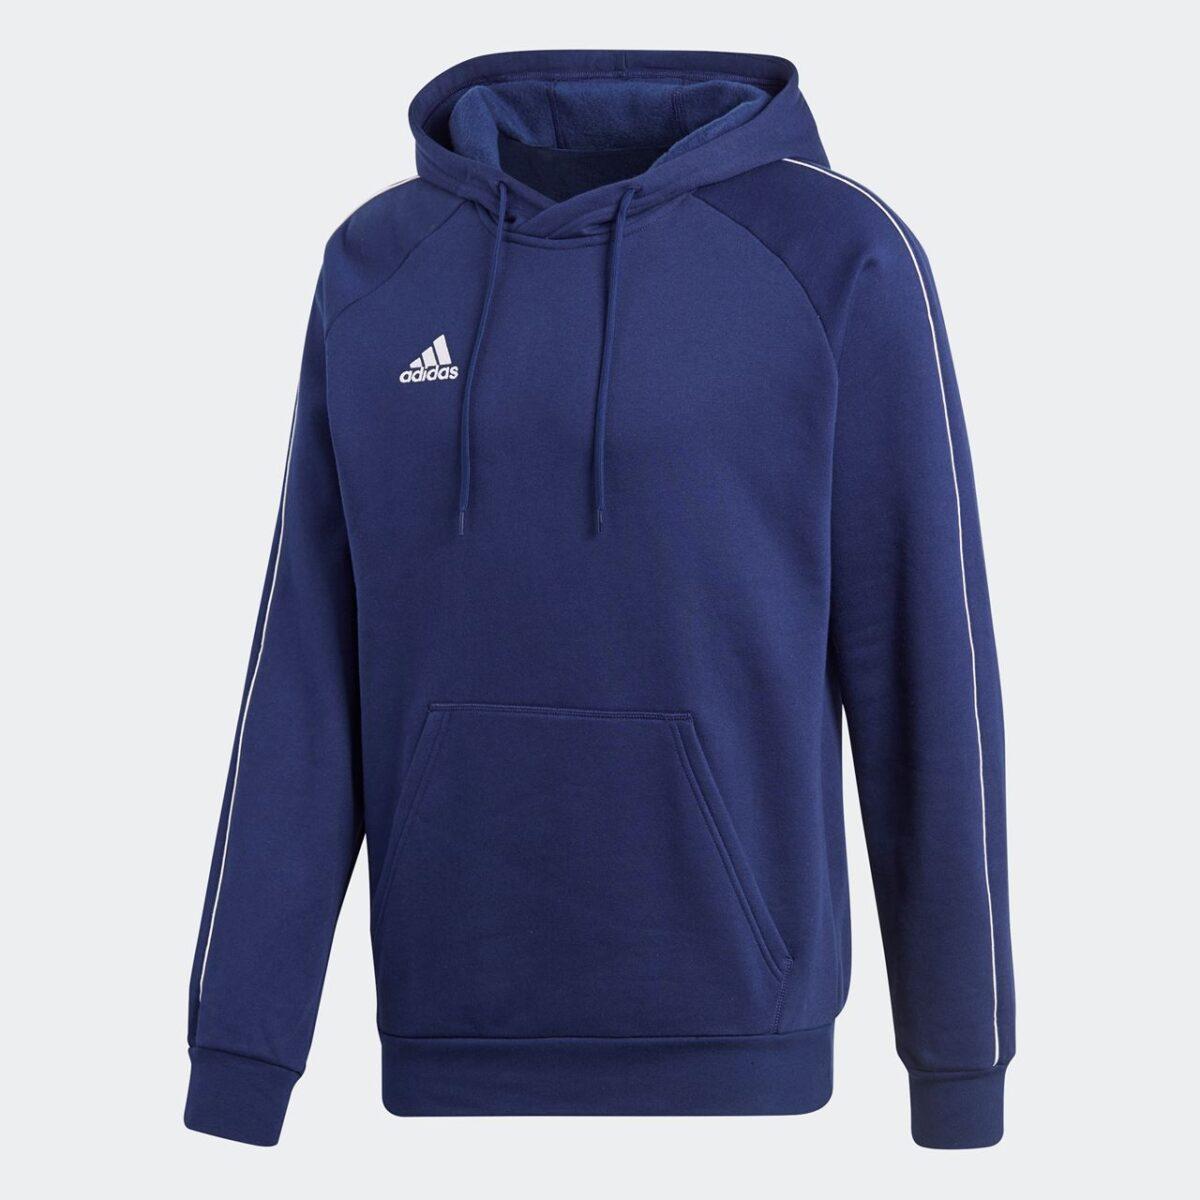 Adidas Core 18 Hoody Adult